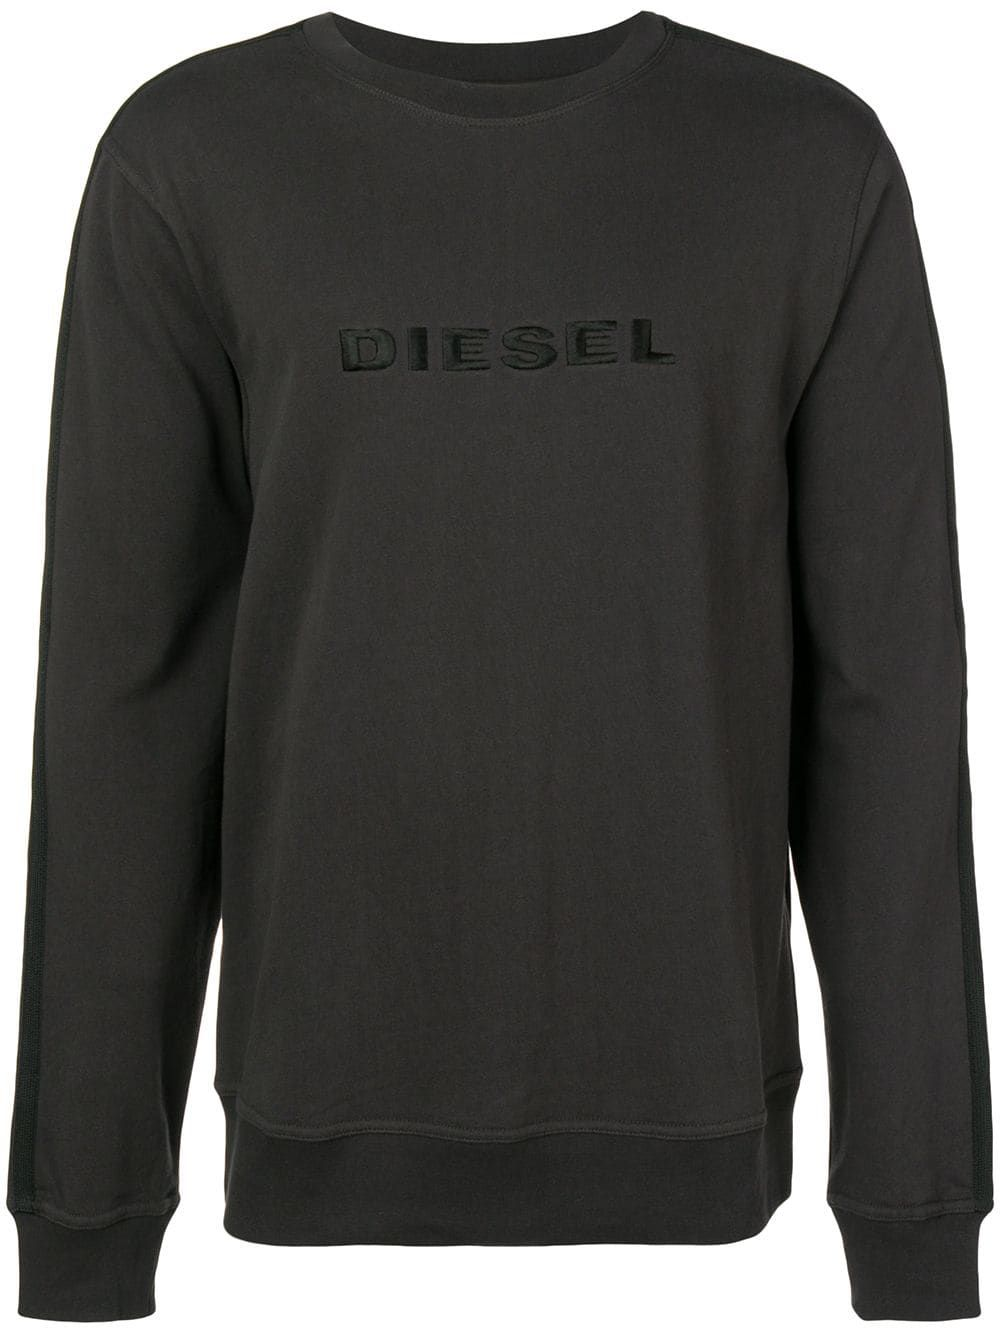 c8b308643a4bc Diesel logo sweatshirt - Grey in 2019   Products   Sweatshirts ...